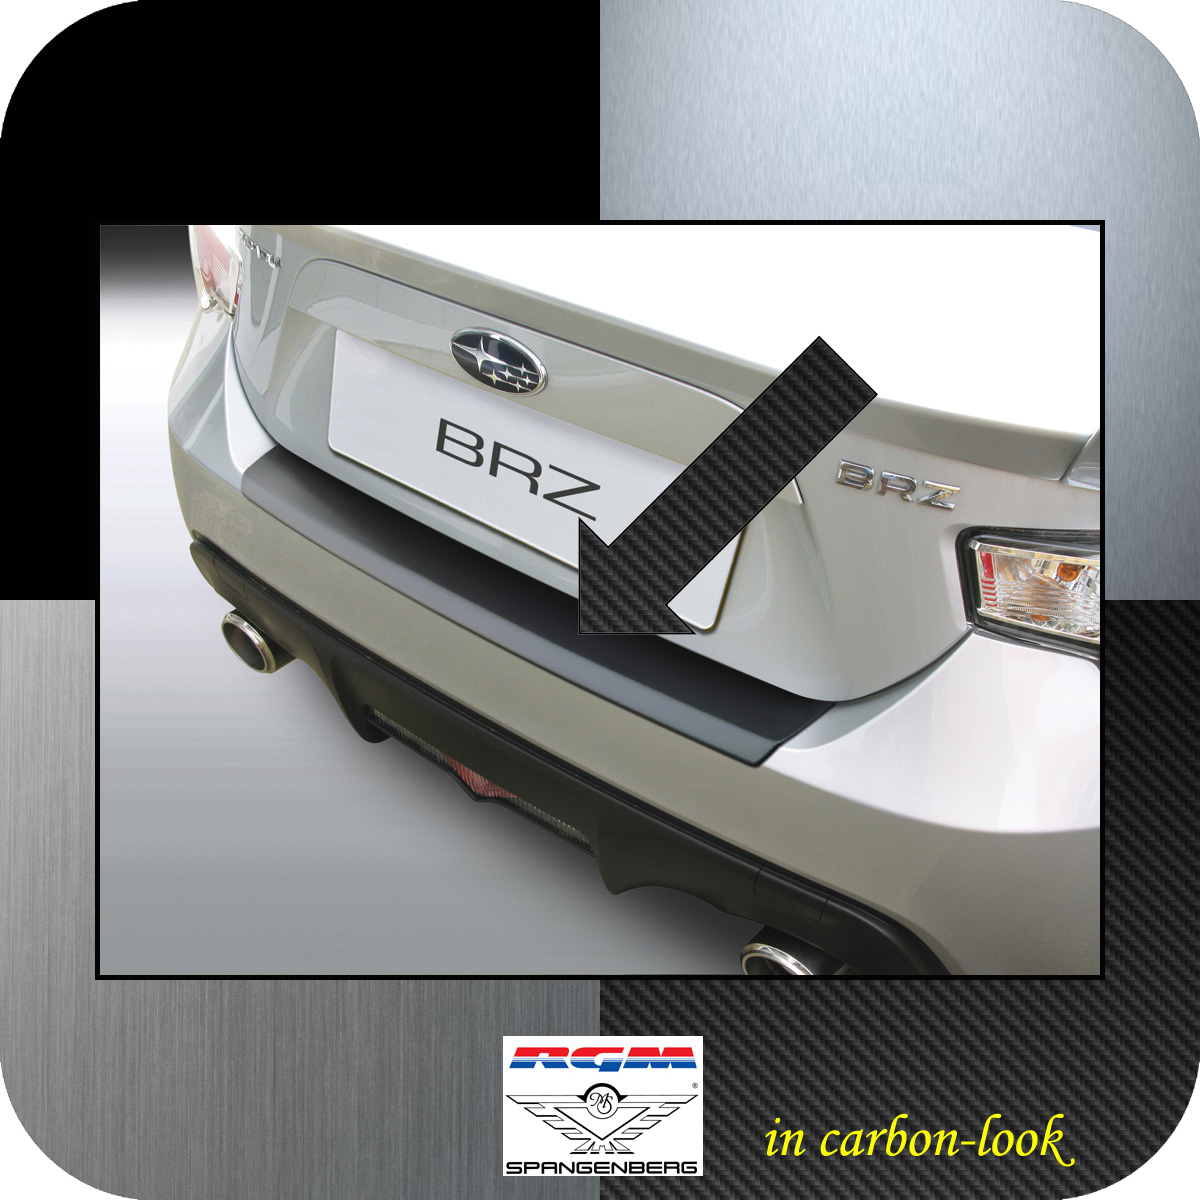 Ladekantenschutz Carbon-Look Subaru BRZ Sportwagen Coupe ab Bj 2012- 3509724